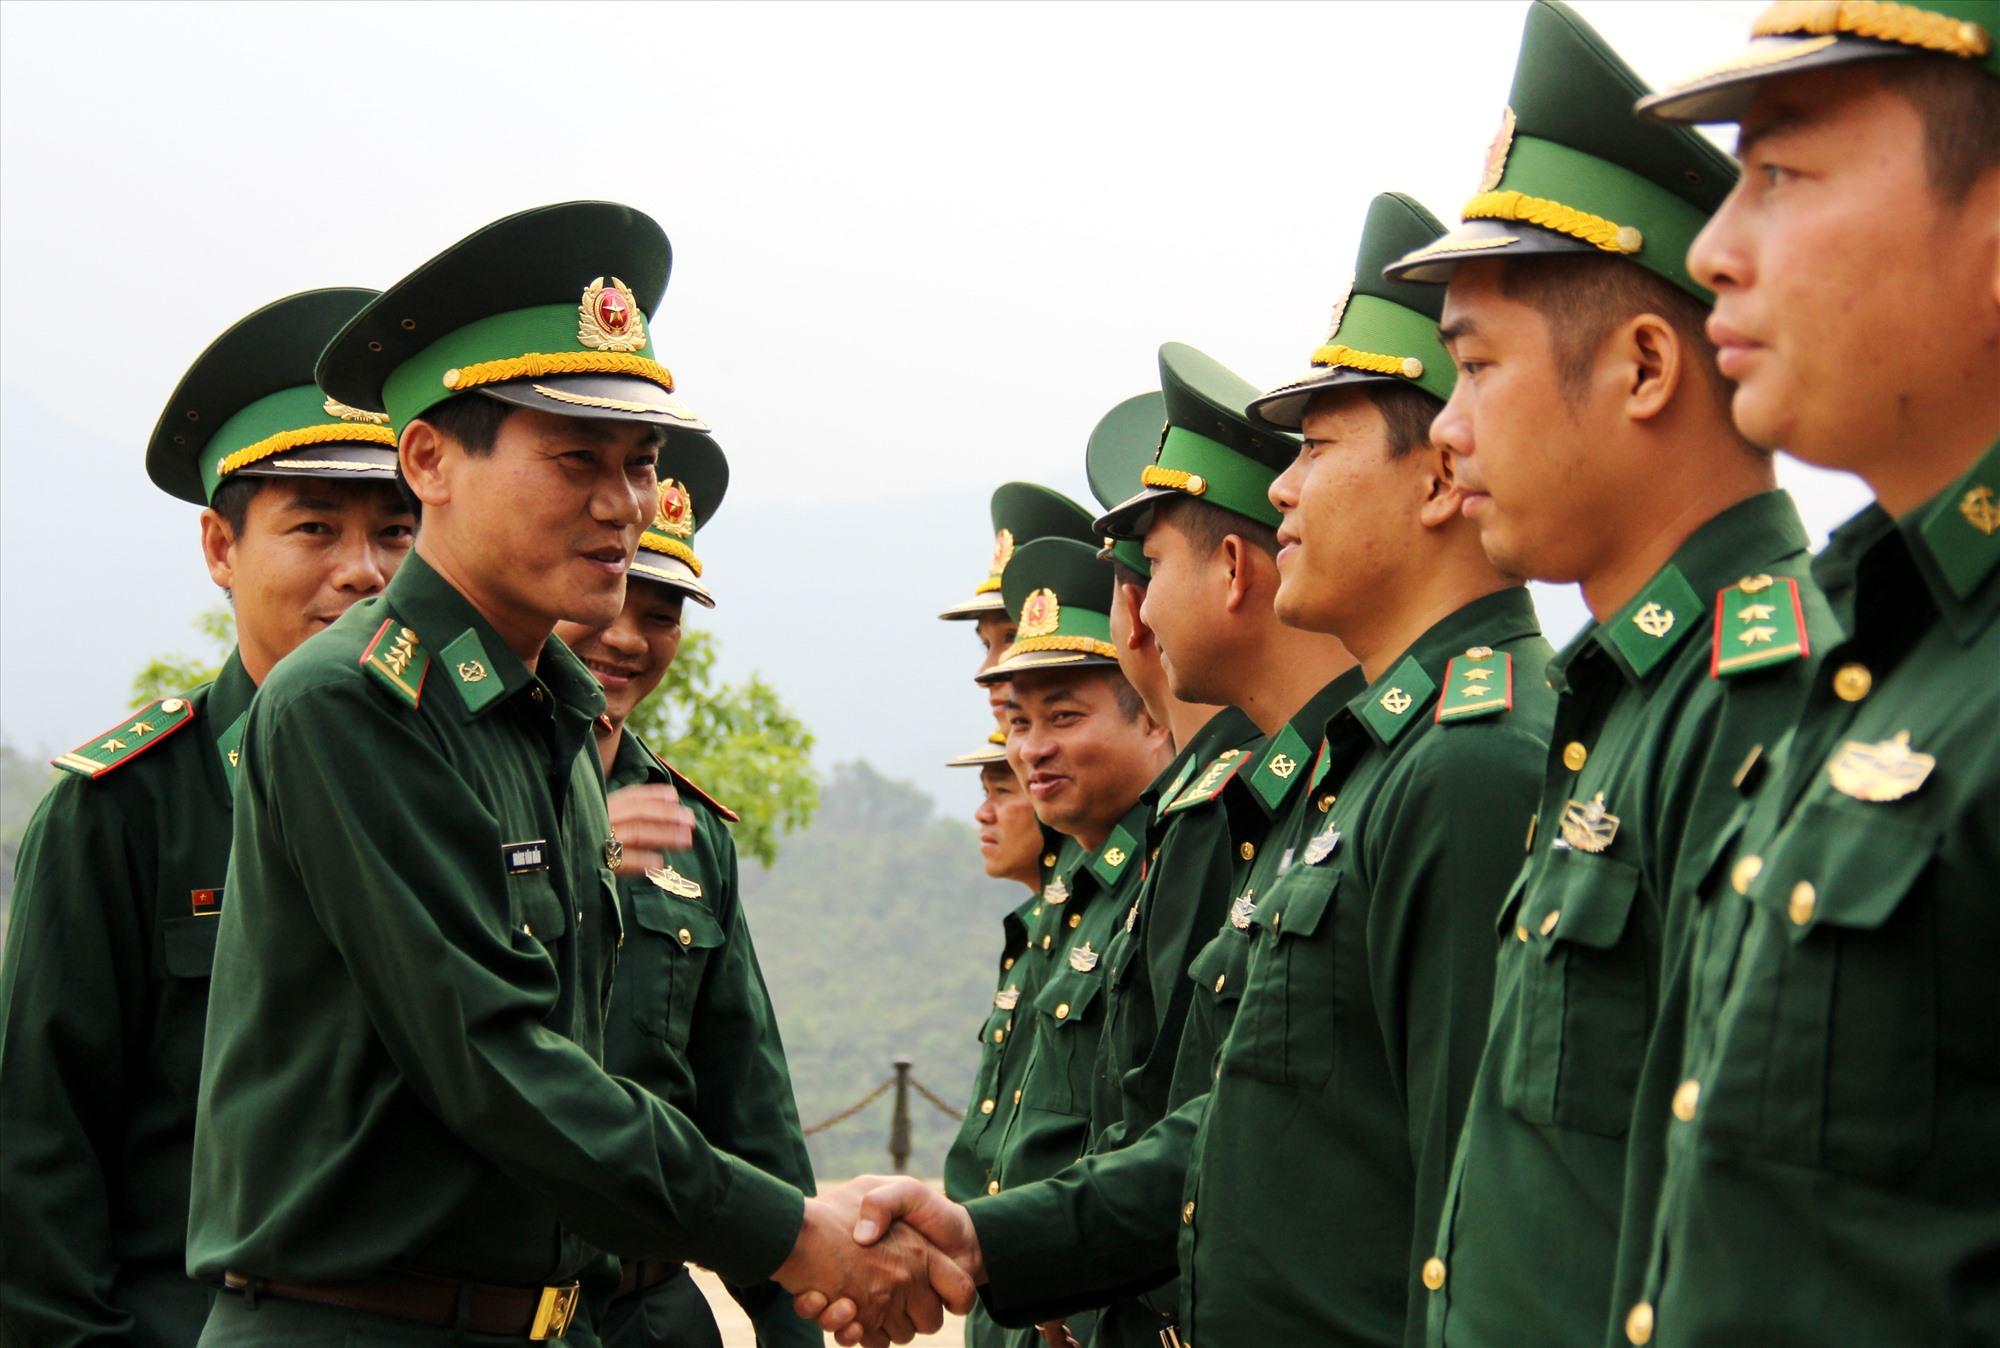 Thượng tá Hoàng Văn Mẫn động viên cán bộ, chiến sĩ Bộ đội biên phòng cần tăng cường hơn nữa công tác bảo vệ chủ quyền an ninh biên giới, xây dựng các biện pháp hiệu quả, tích cực trong việc ứng phó với dịch Covid-19. Ảnh: A.N